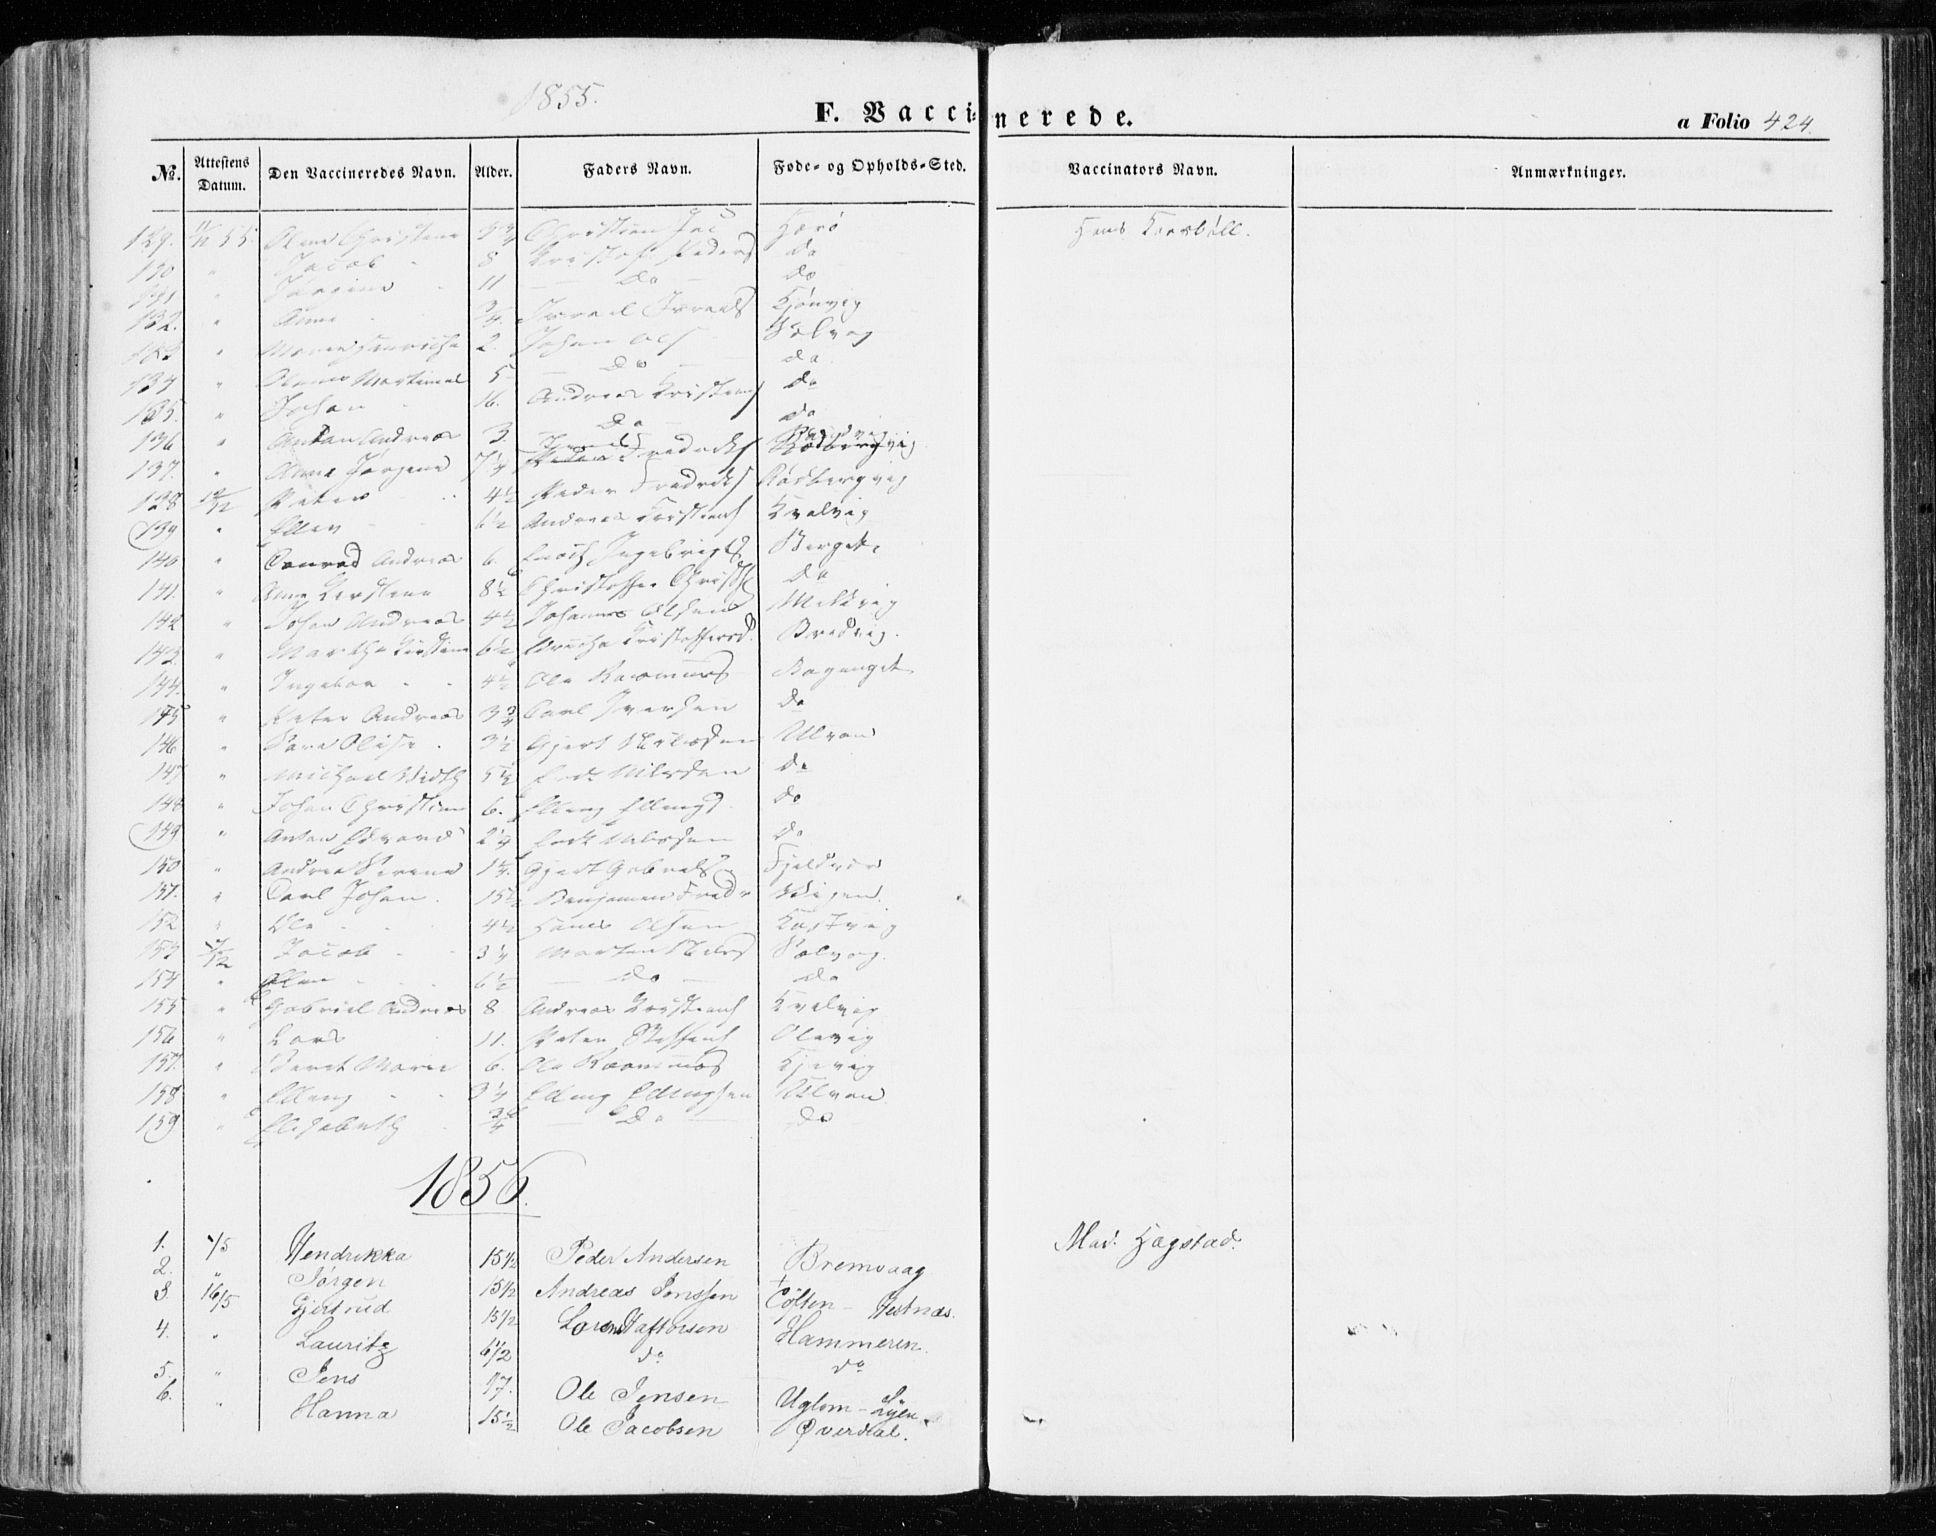 SAT, Ministerialprotokoller, klokkerbøker og fødselsregistre - Sør-Trøndelag, 634/L0530: Ministerialbok nr. 634A06, 1852-1860, s. 424